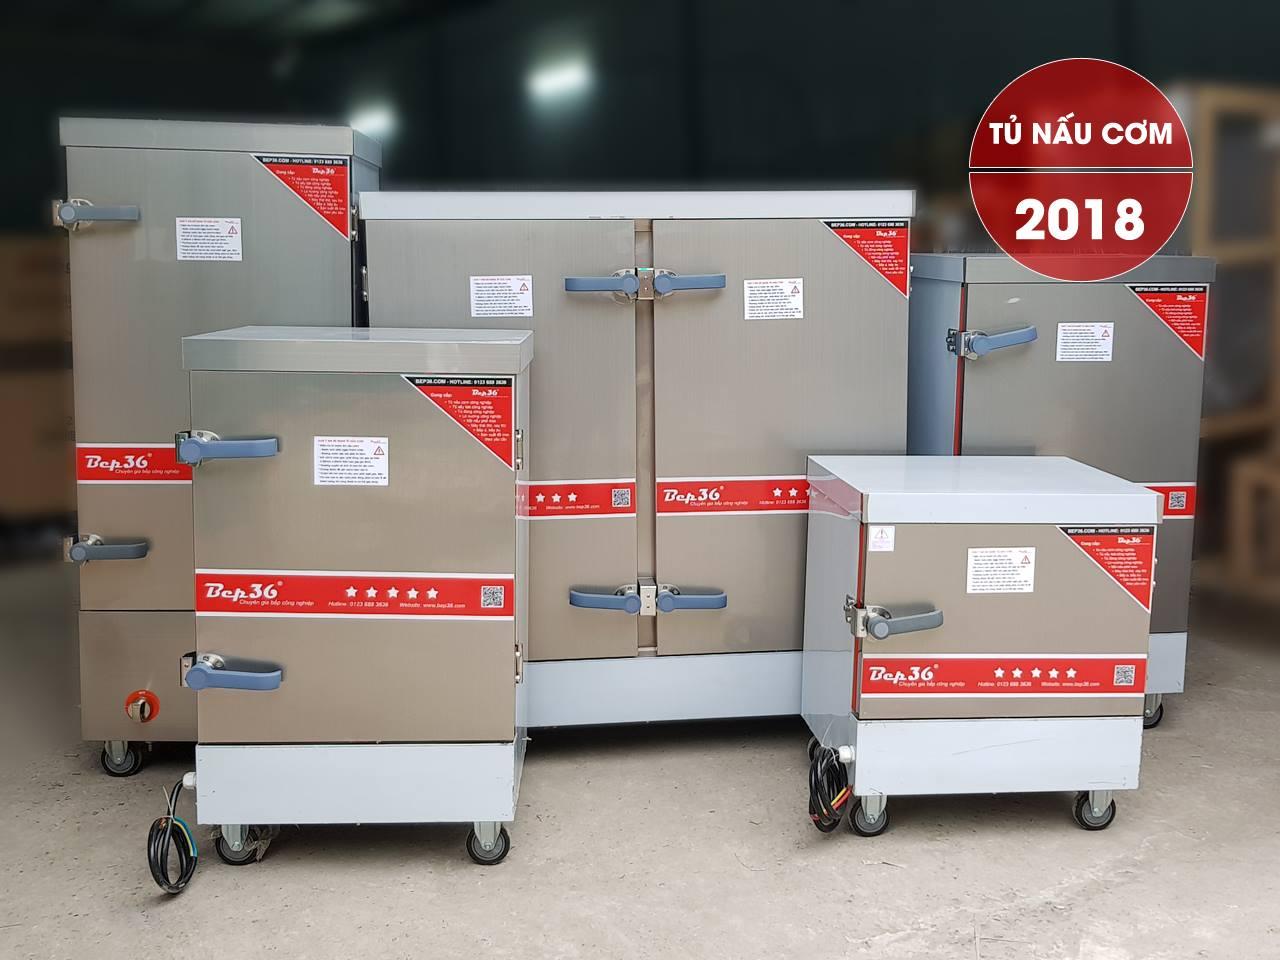 Tủ nấu cơm công nghiệp Bep36, siêu bền, siêu tiết kiệm nhiên liệu